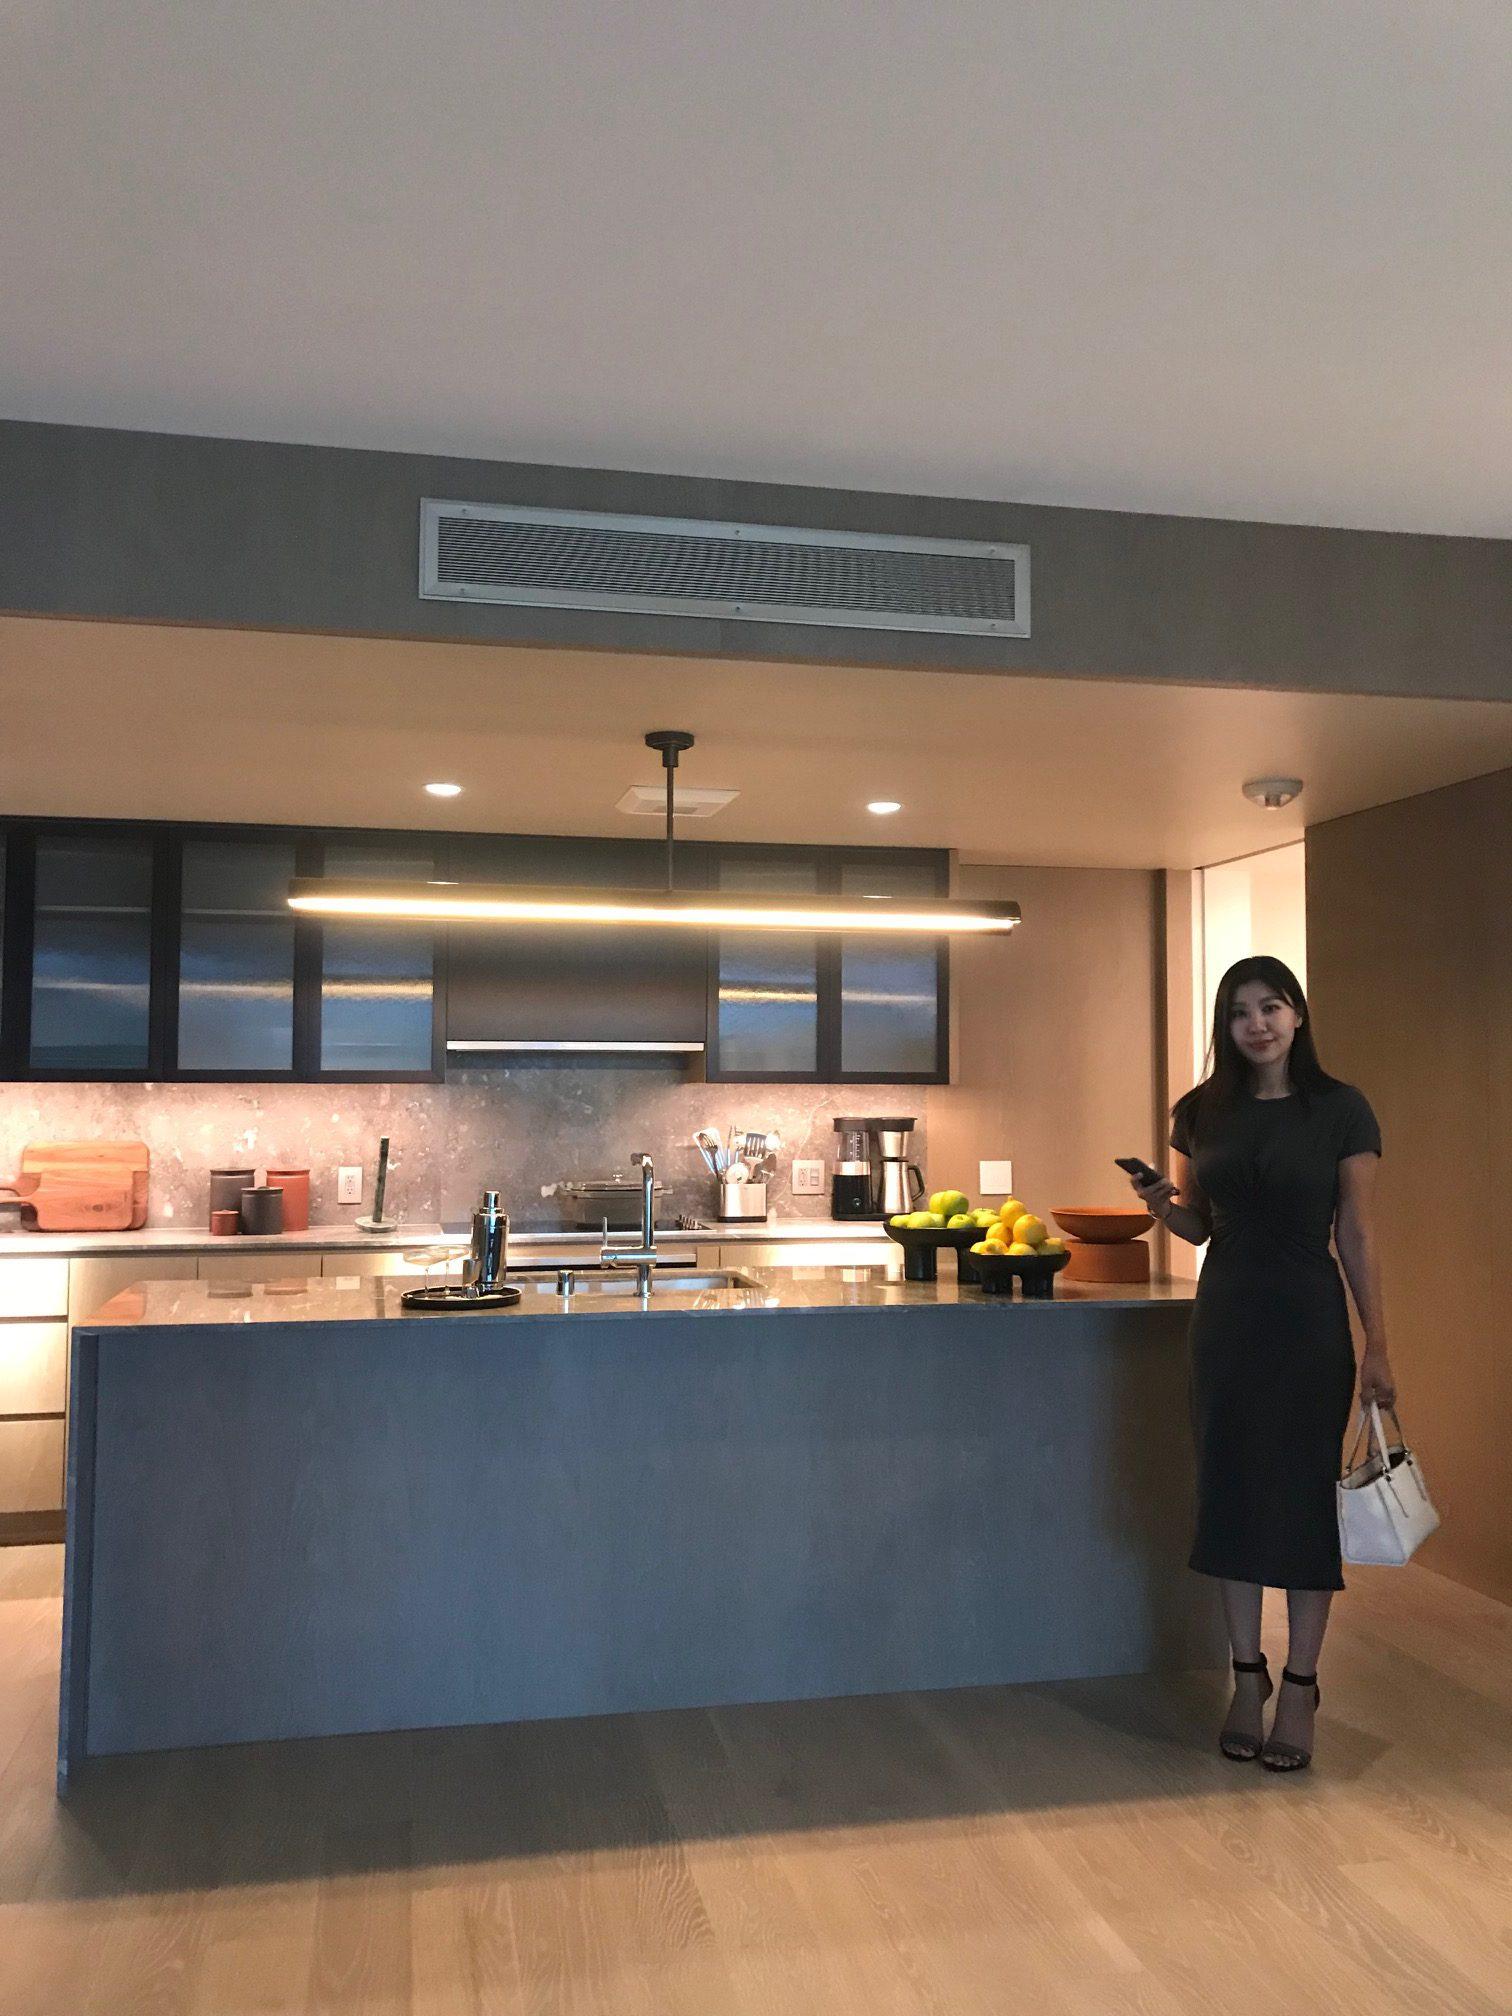 コウラ 新築 カカアコ コンドミニアム モデル 家具